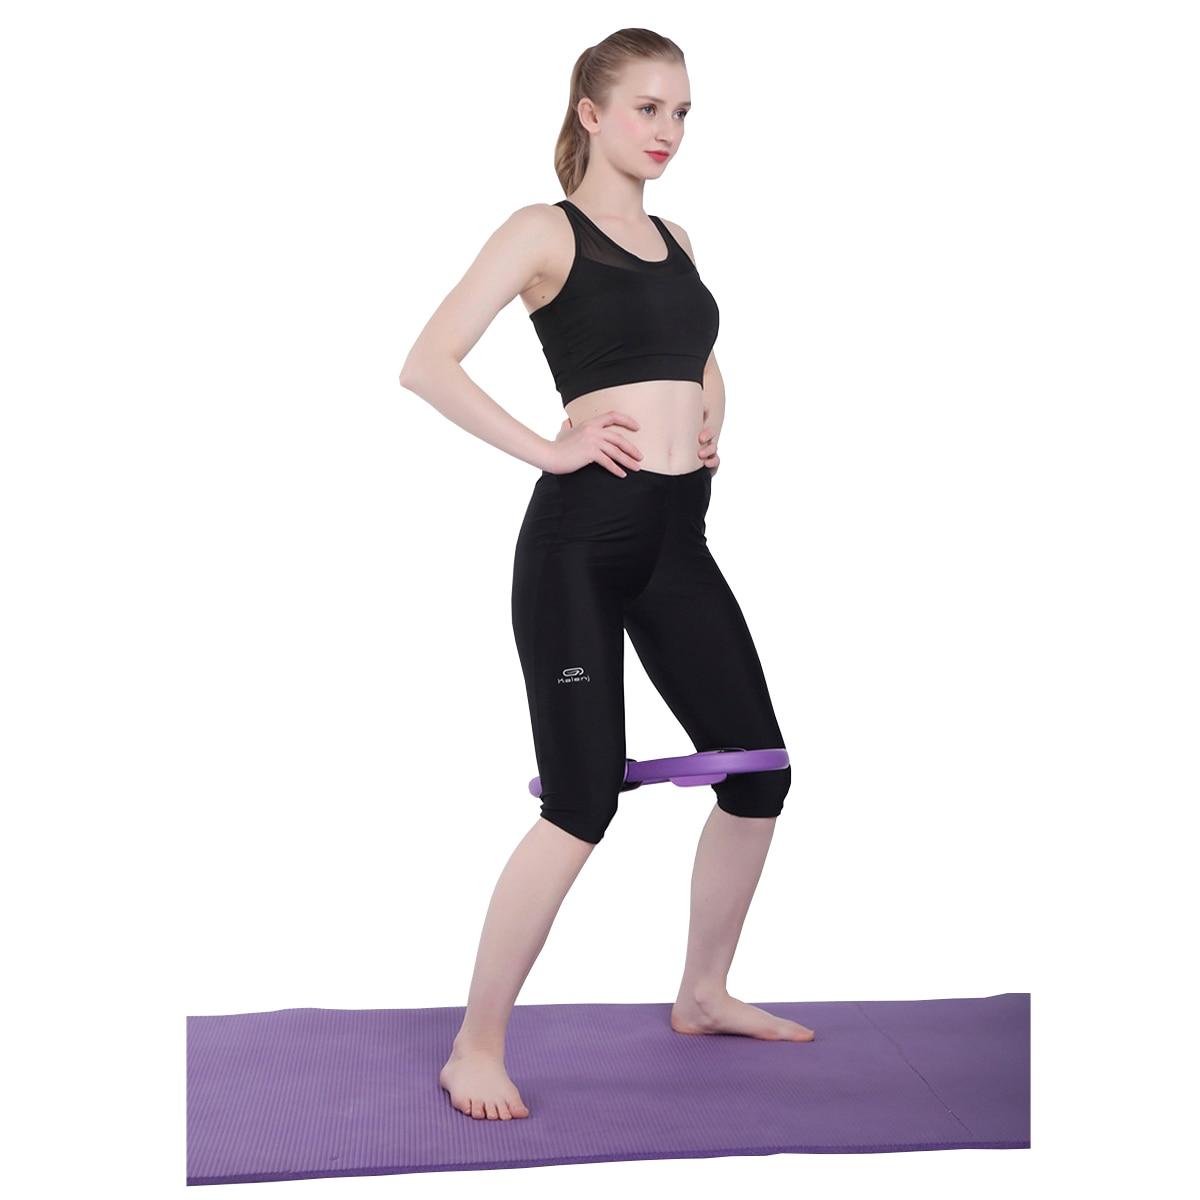 yoga prezintă cu varicoză